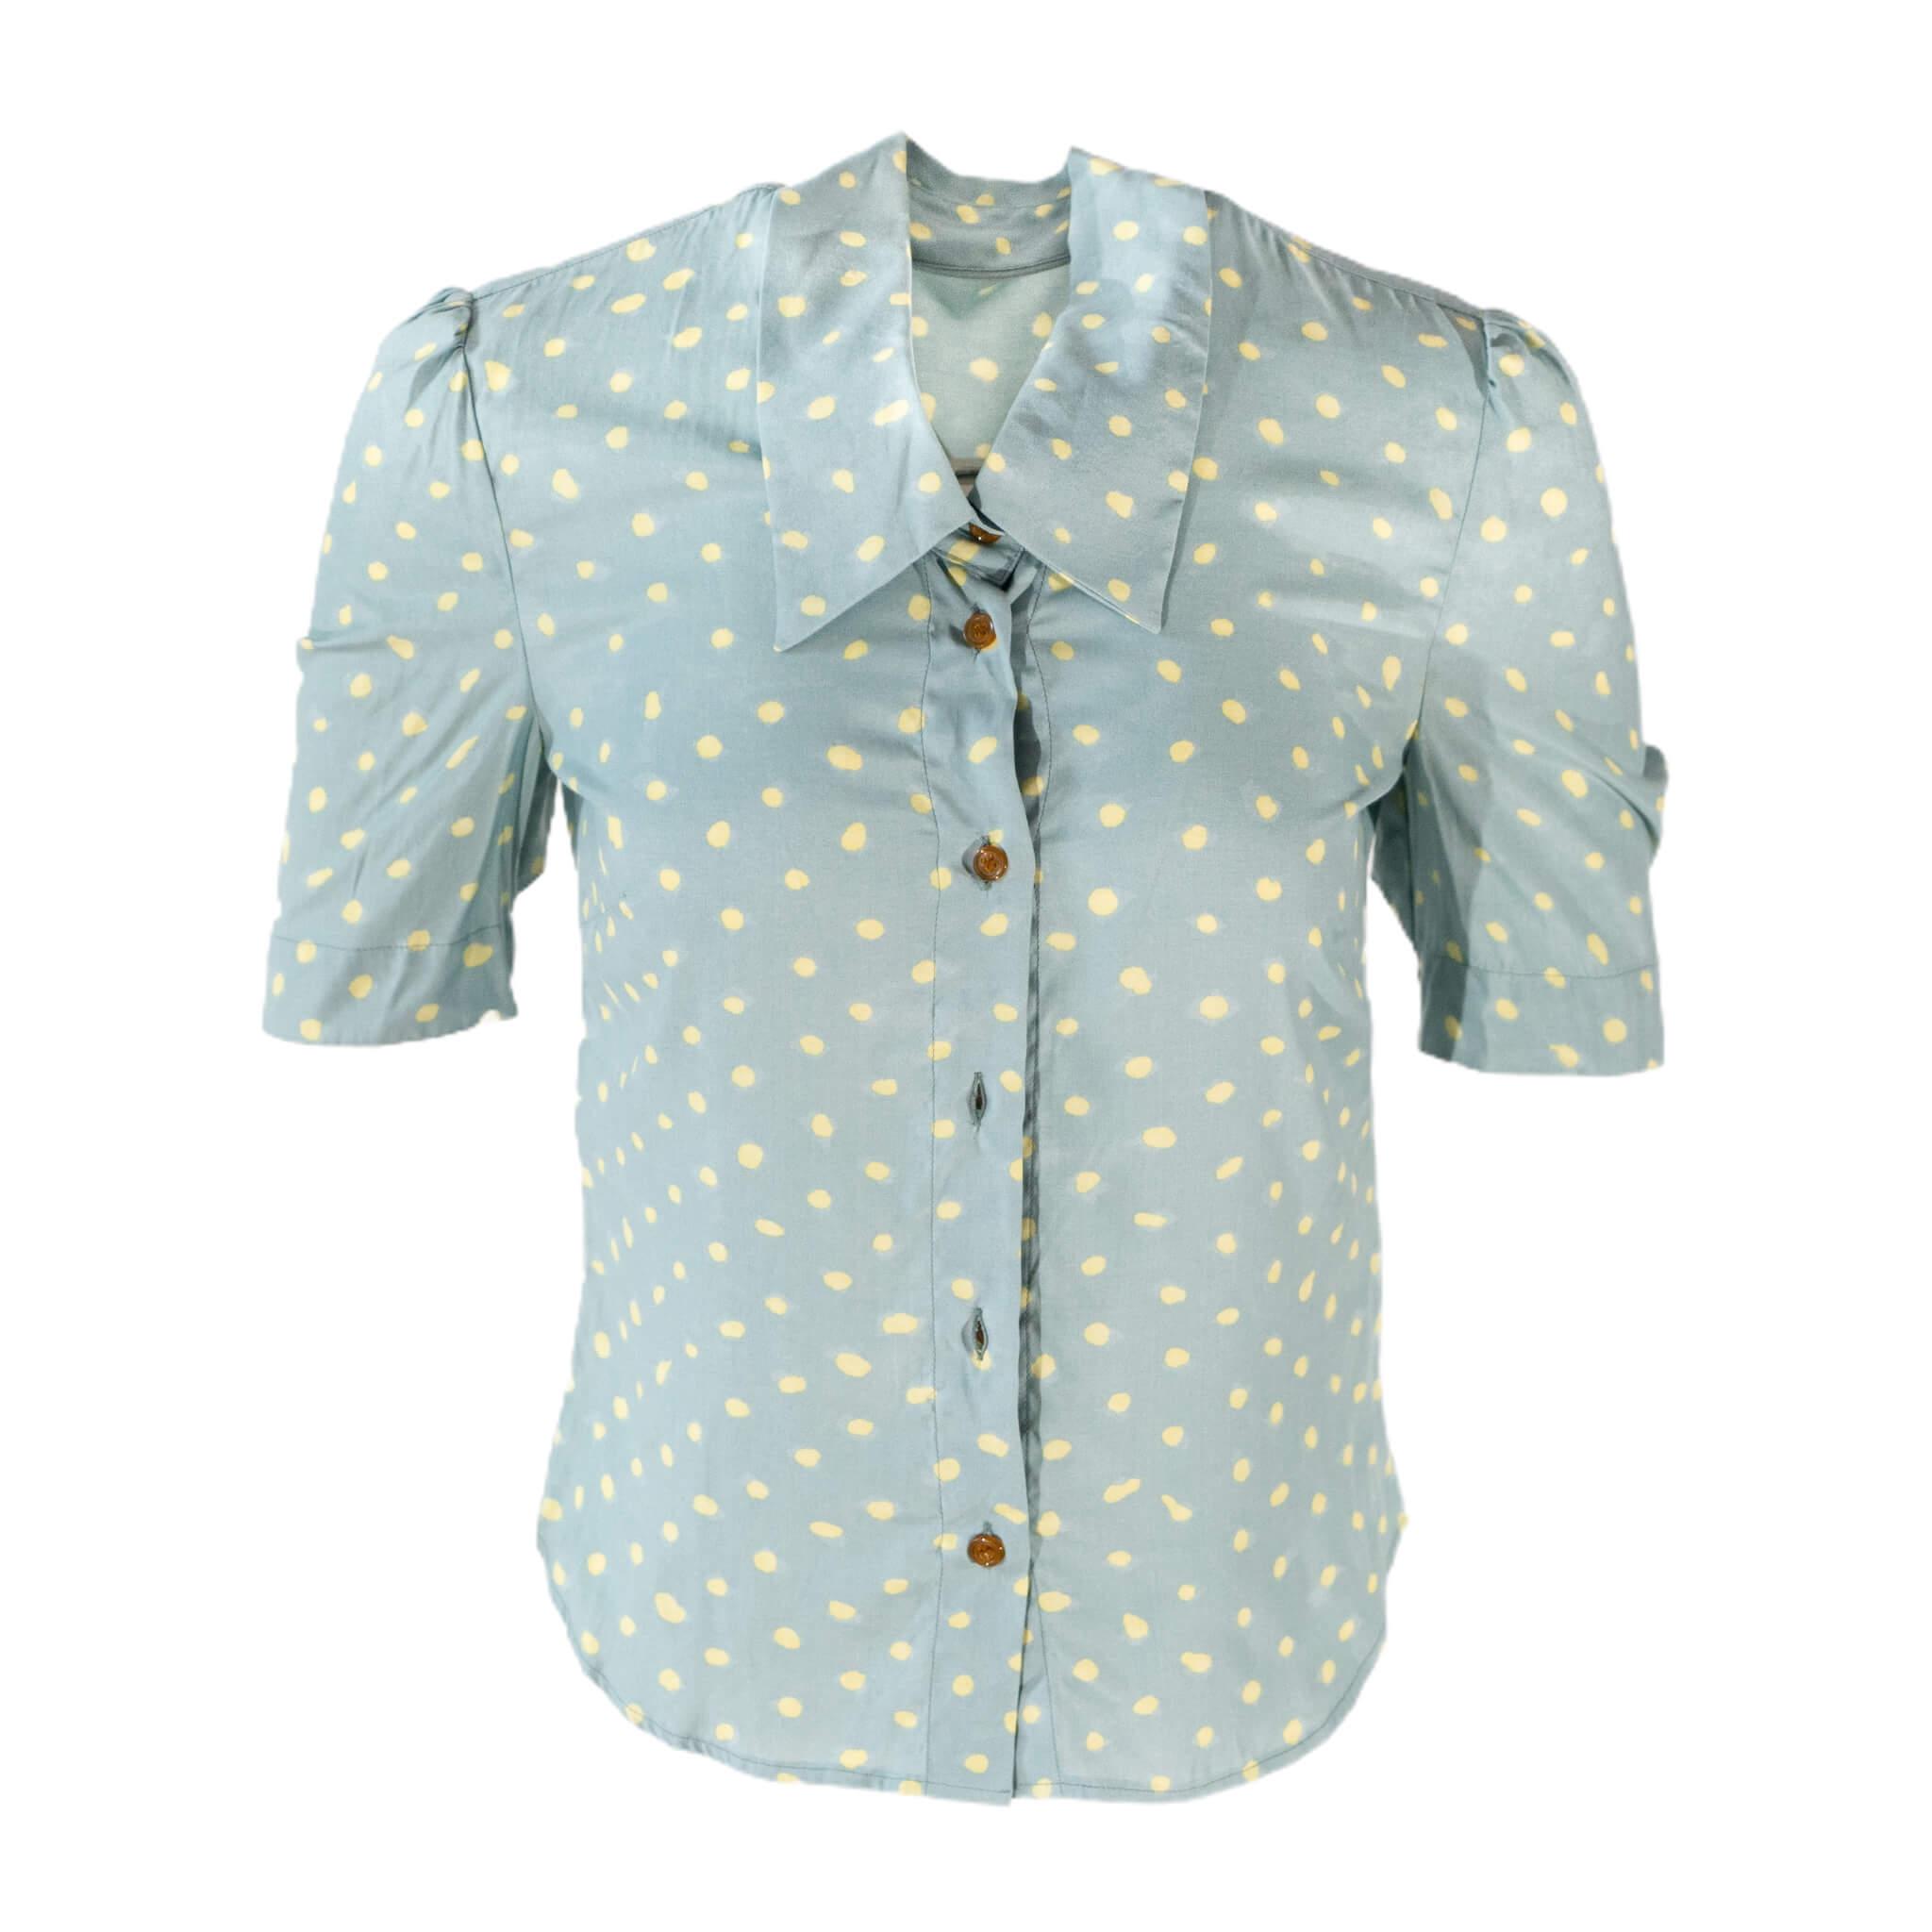 Vivienne Westwood Sea Button Up